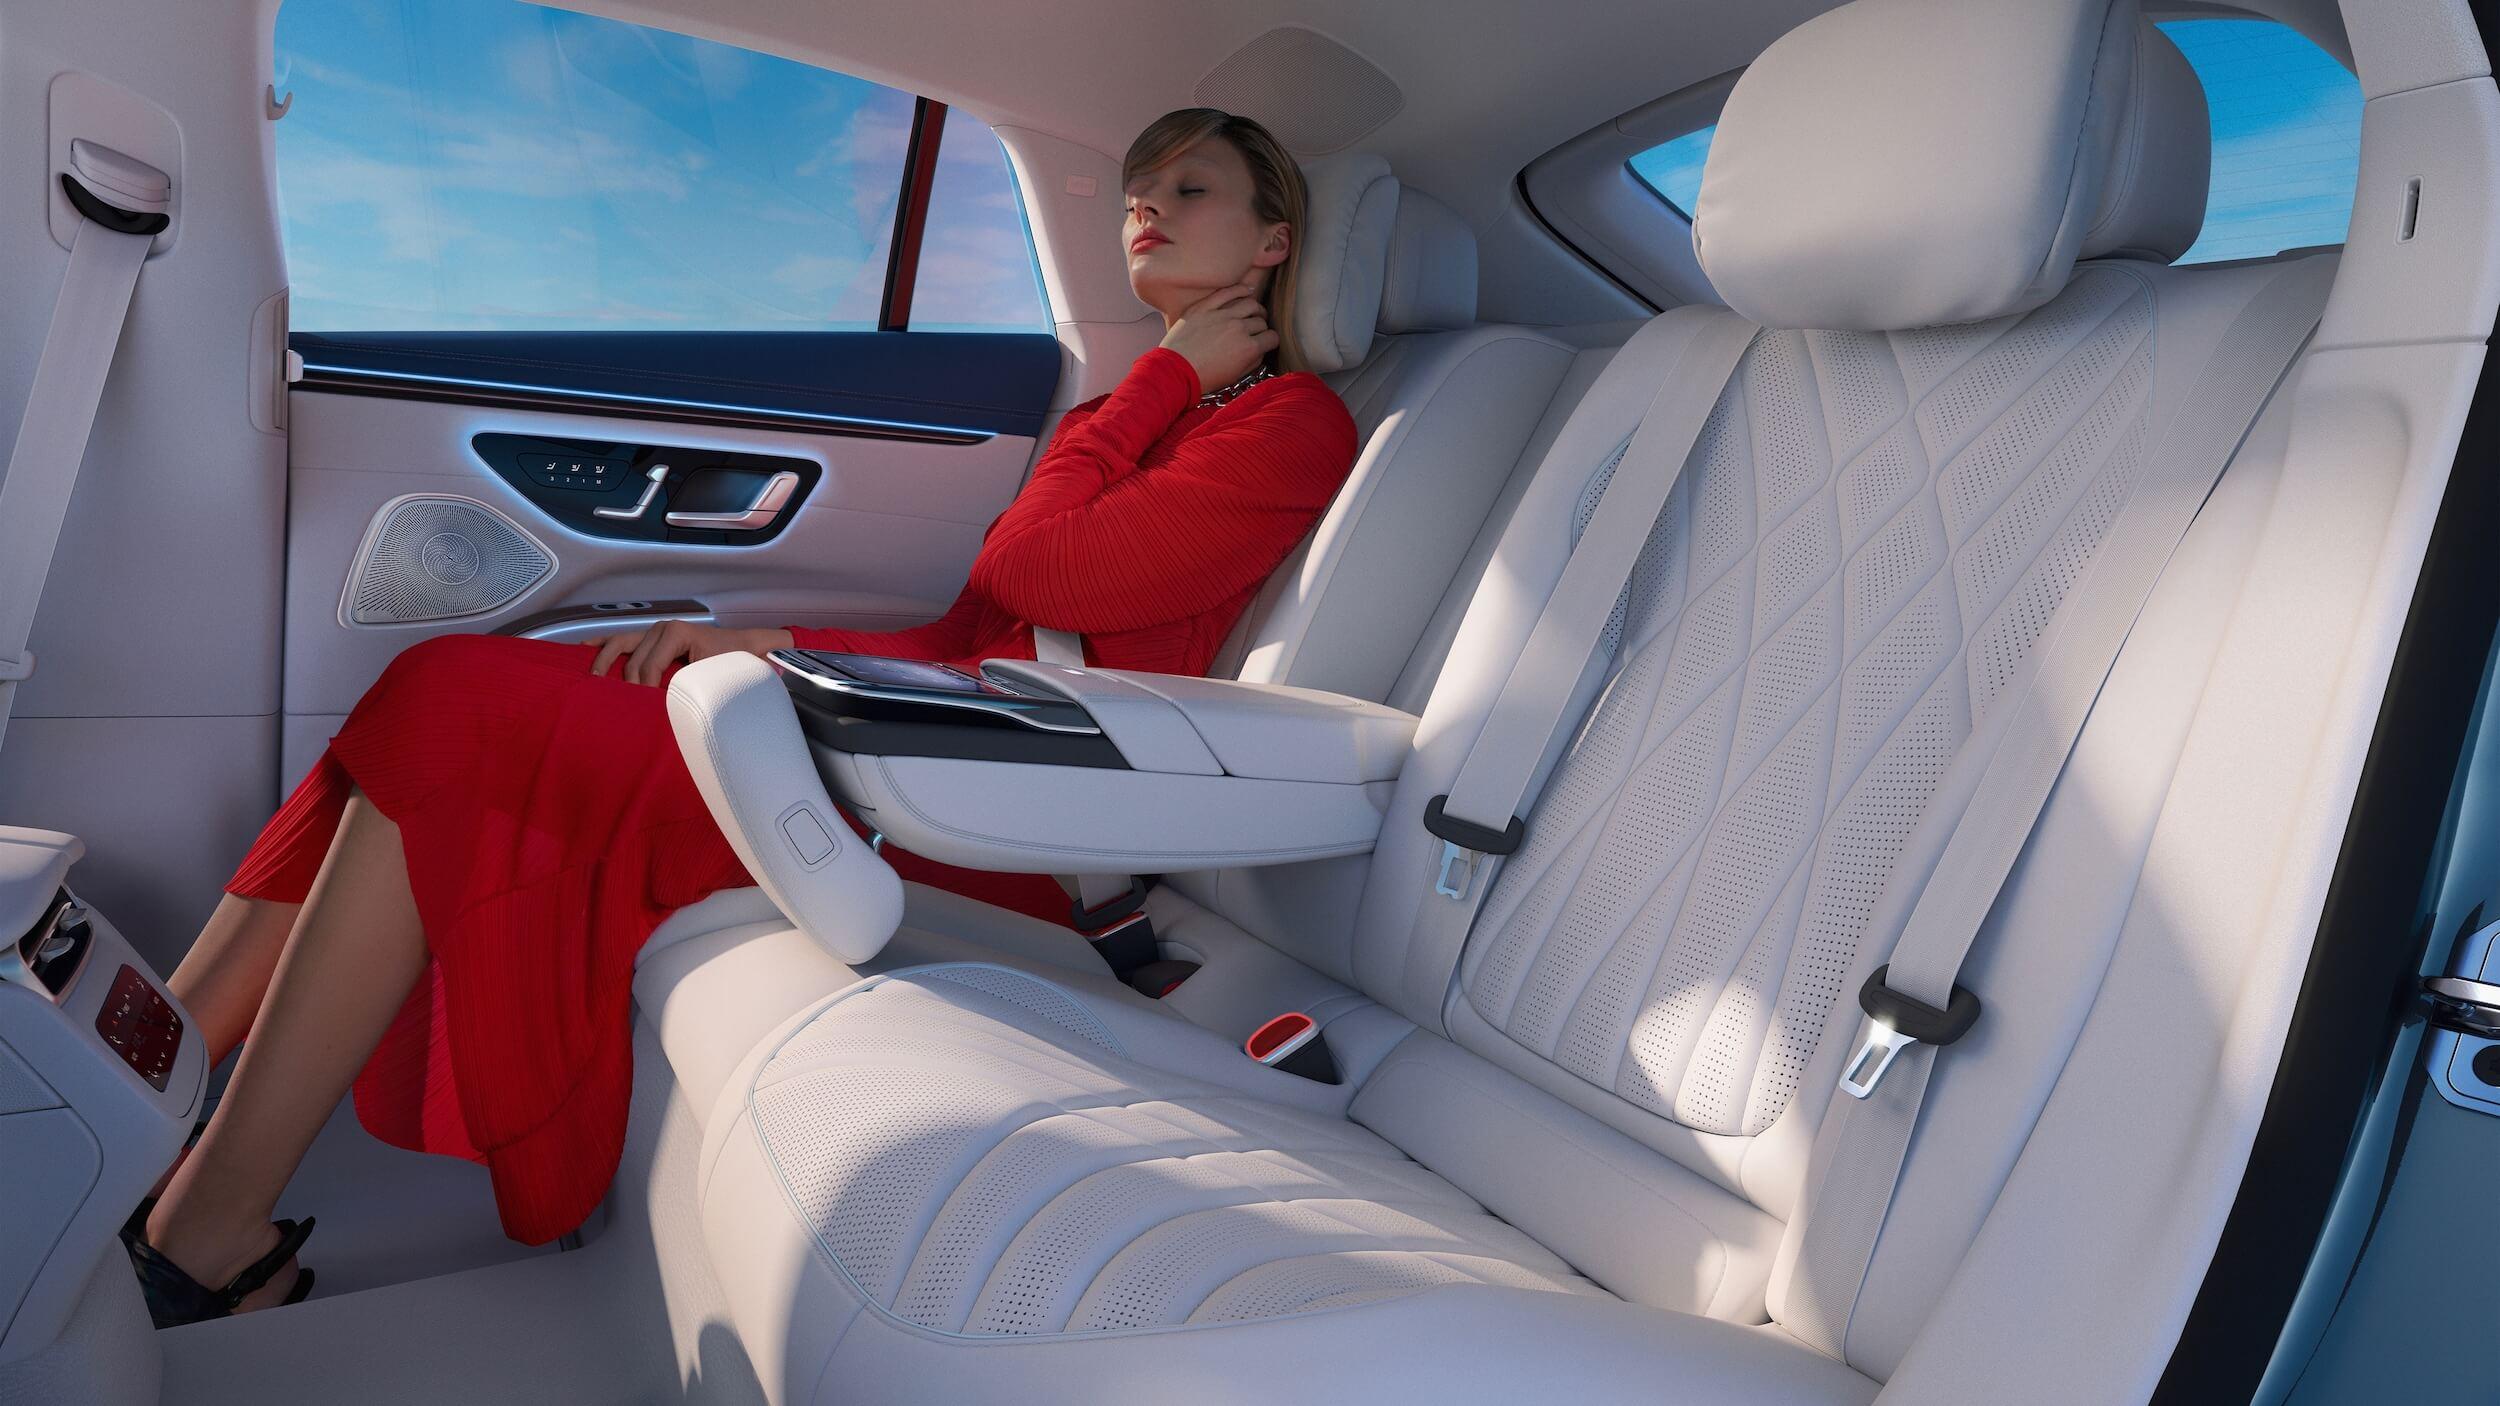 Mercedes EQS interior 4